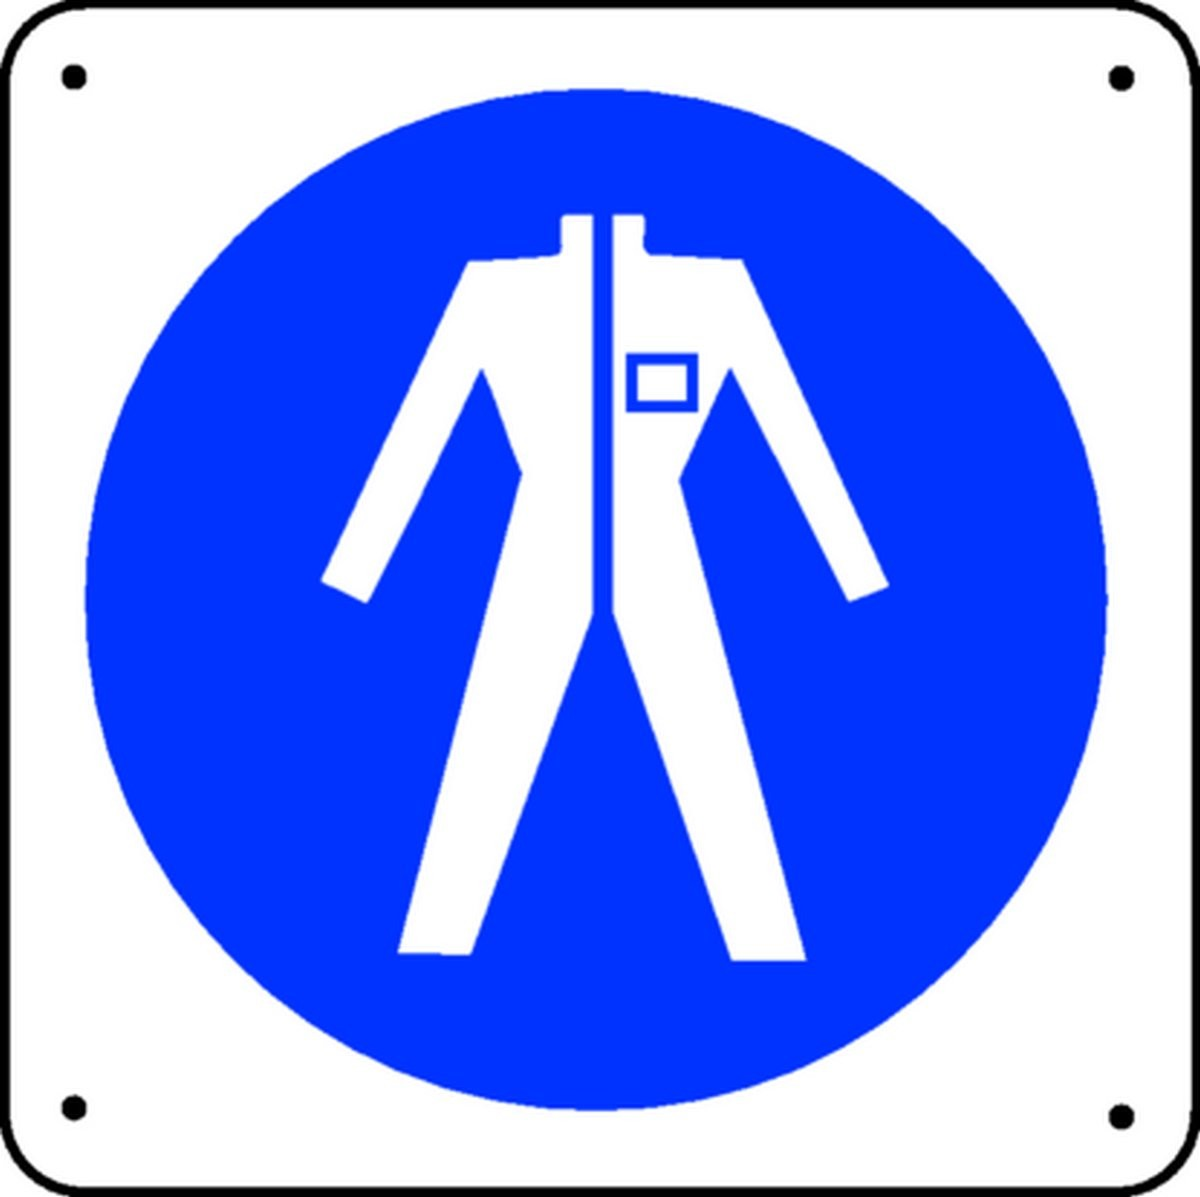 Vêtements de sécurité obligatoires Picto